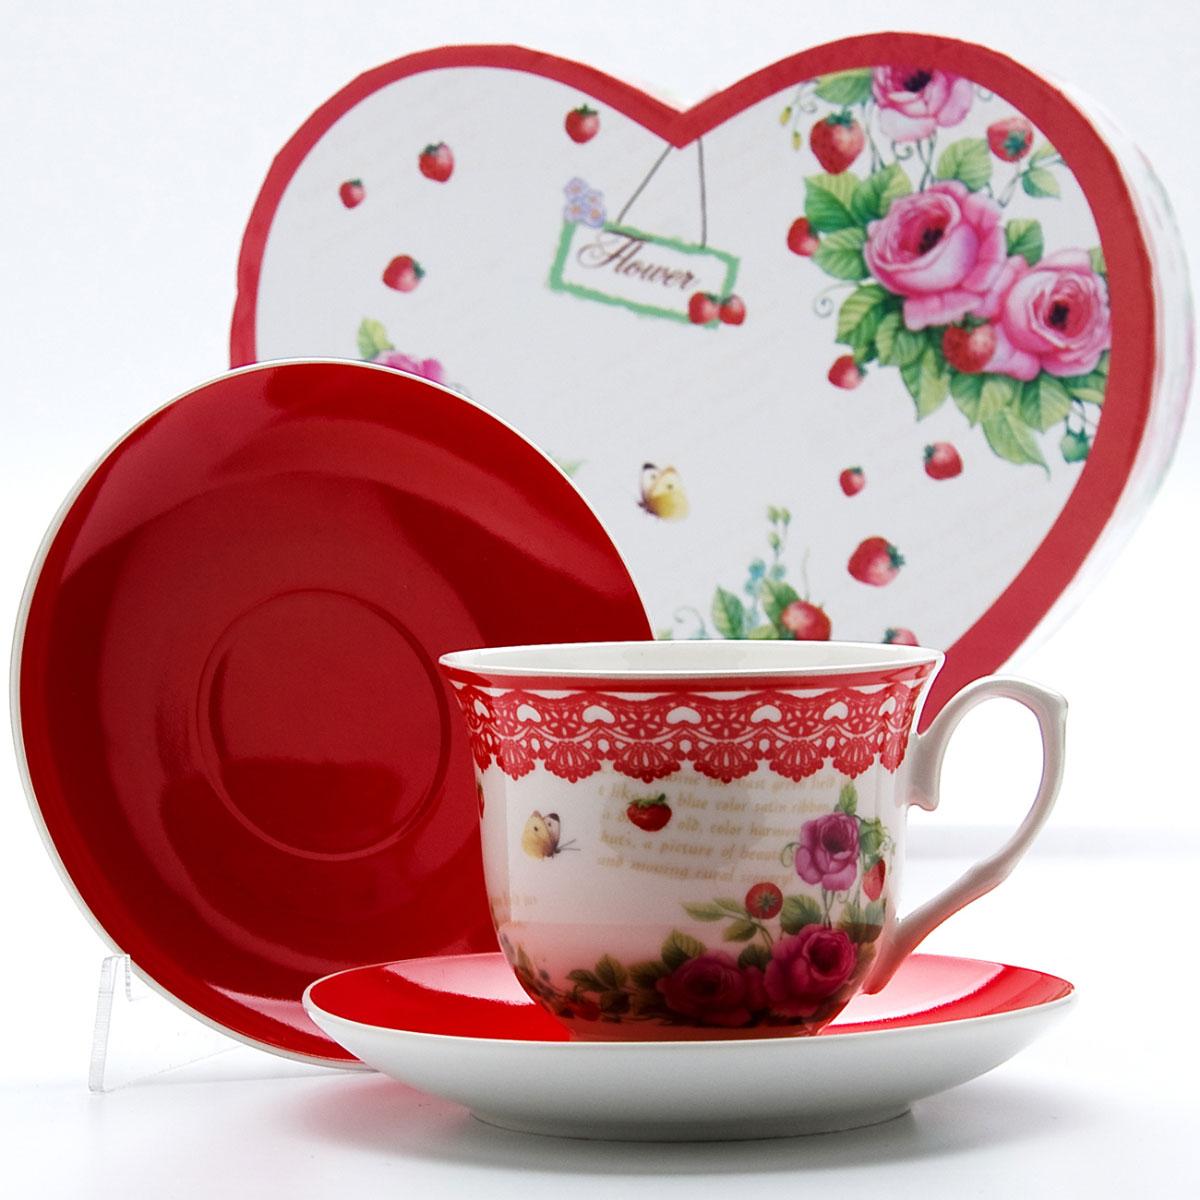 Чайная пара Mayer & Boch Клубничка, 4 предмета. 2298822988Этот чайный набор, выполненный из высококачественного костяного фарфора, состоит из двух чашек и двух блюдец. Предметы набора оформлены ярким изображением цветов. Изящный дизайн и красочность оформления придутся по вкусу и ценителям классики, и тем, кто предпочитает утонченность и изысканность. Чайный набор - идеальный и необходимый подарок для вашего дома и для ваших друзей в праздники, юбилеи и торжества! Он также станет отличным корпоративным подарком и украшением любой кухни. Чайный набор упакован в подарочную коробку в форме сердца из плотного цветного картона. Внутренняя часть коробки задрапирована белым атласом.